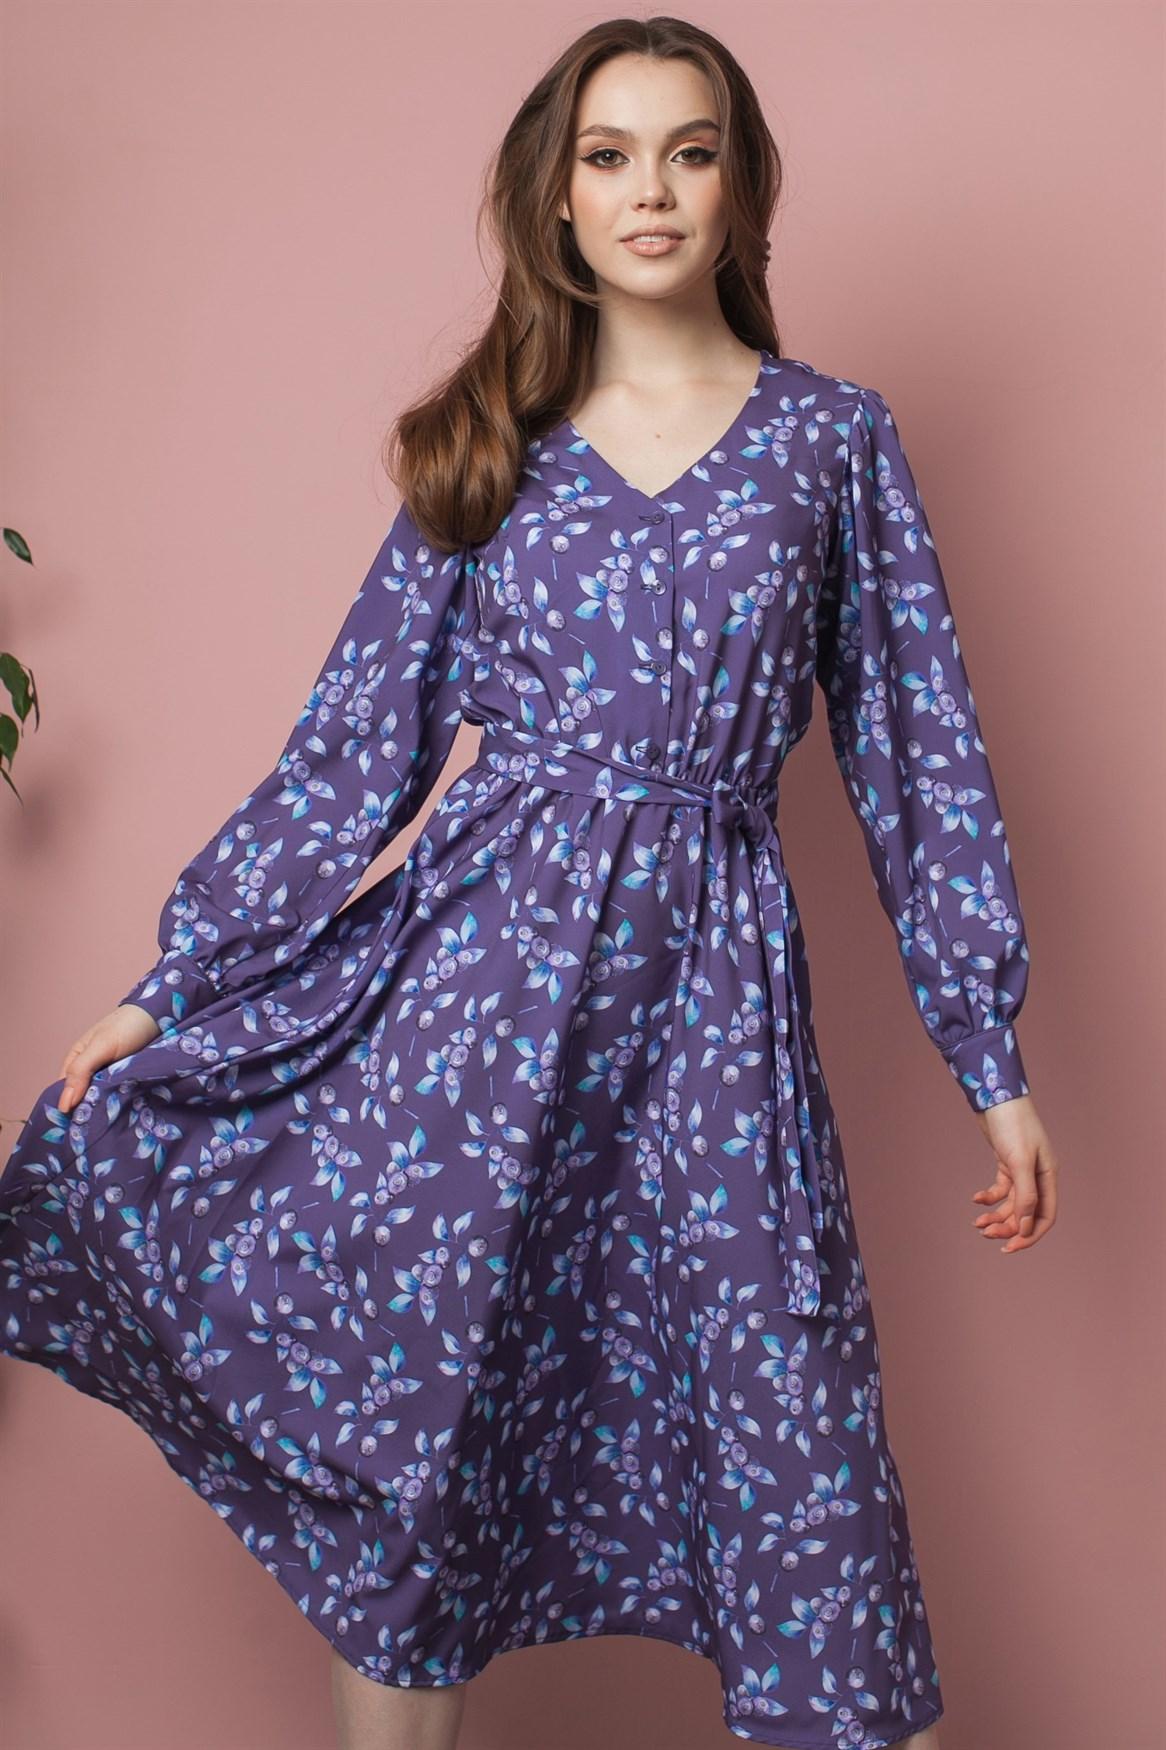 106-06 Платье - фото 12870